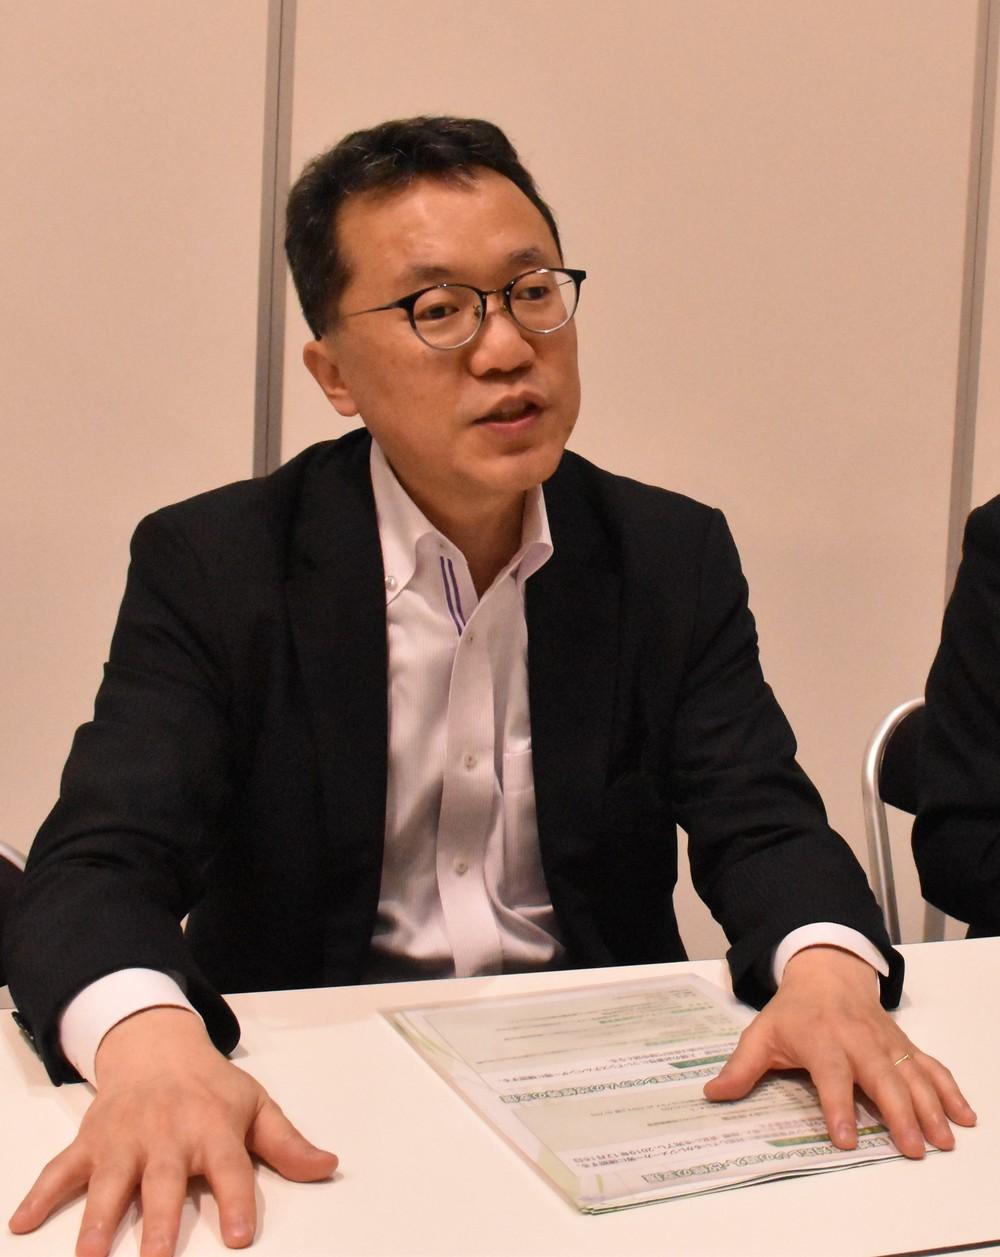 東京のフェア会場で催しについて説明する中小企業庁の笹路上級調整官